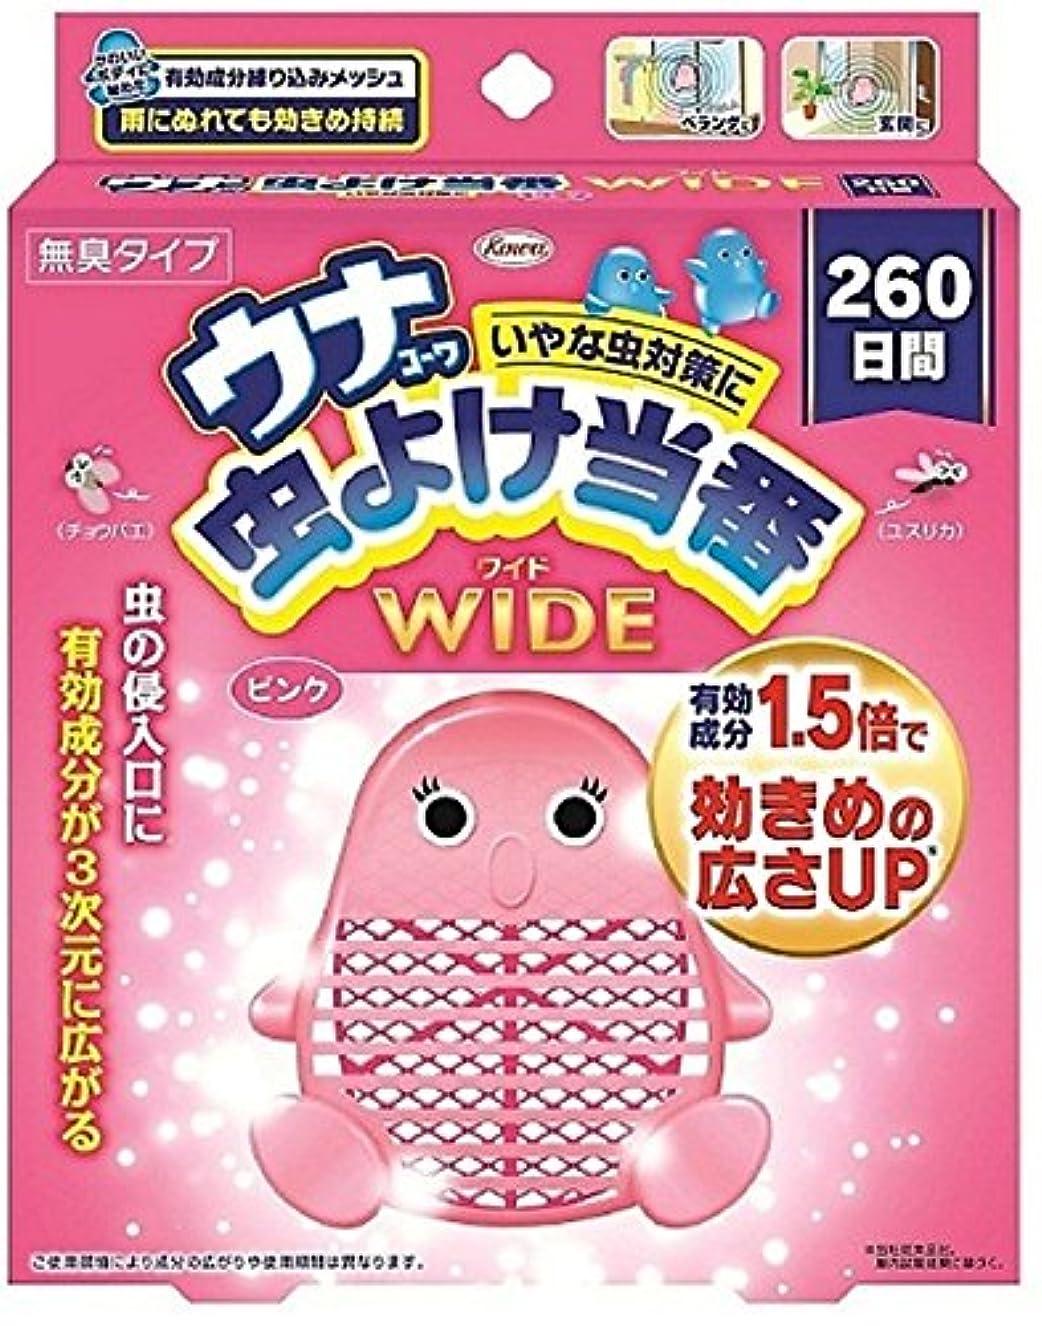 少ないミリメーター急勾配のウナコーワ 虫よけ当番 ワイド 260日間 ピンク 1個